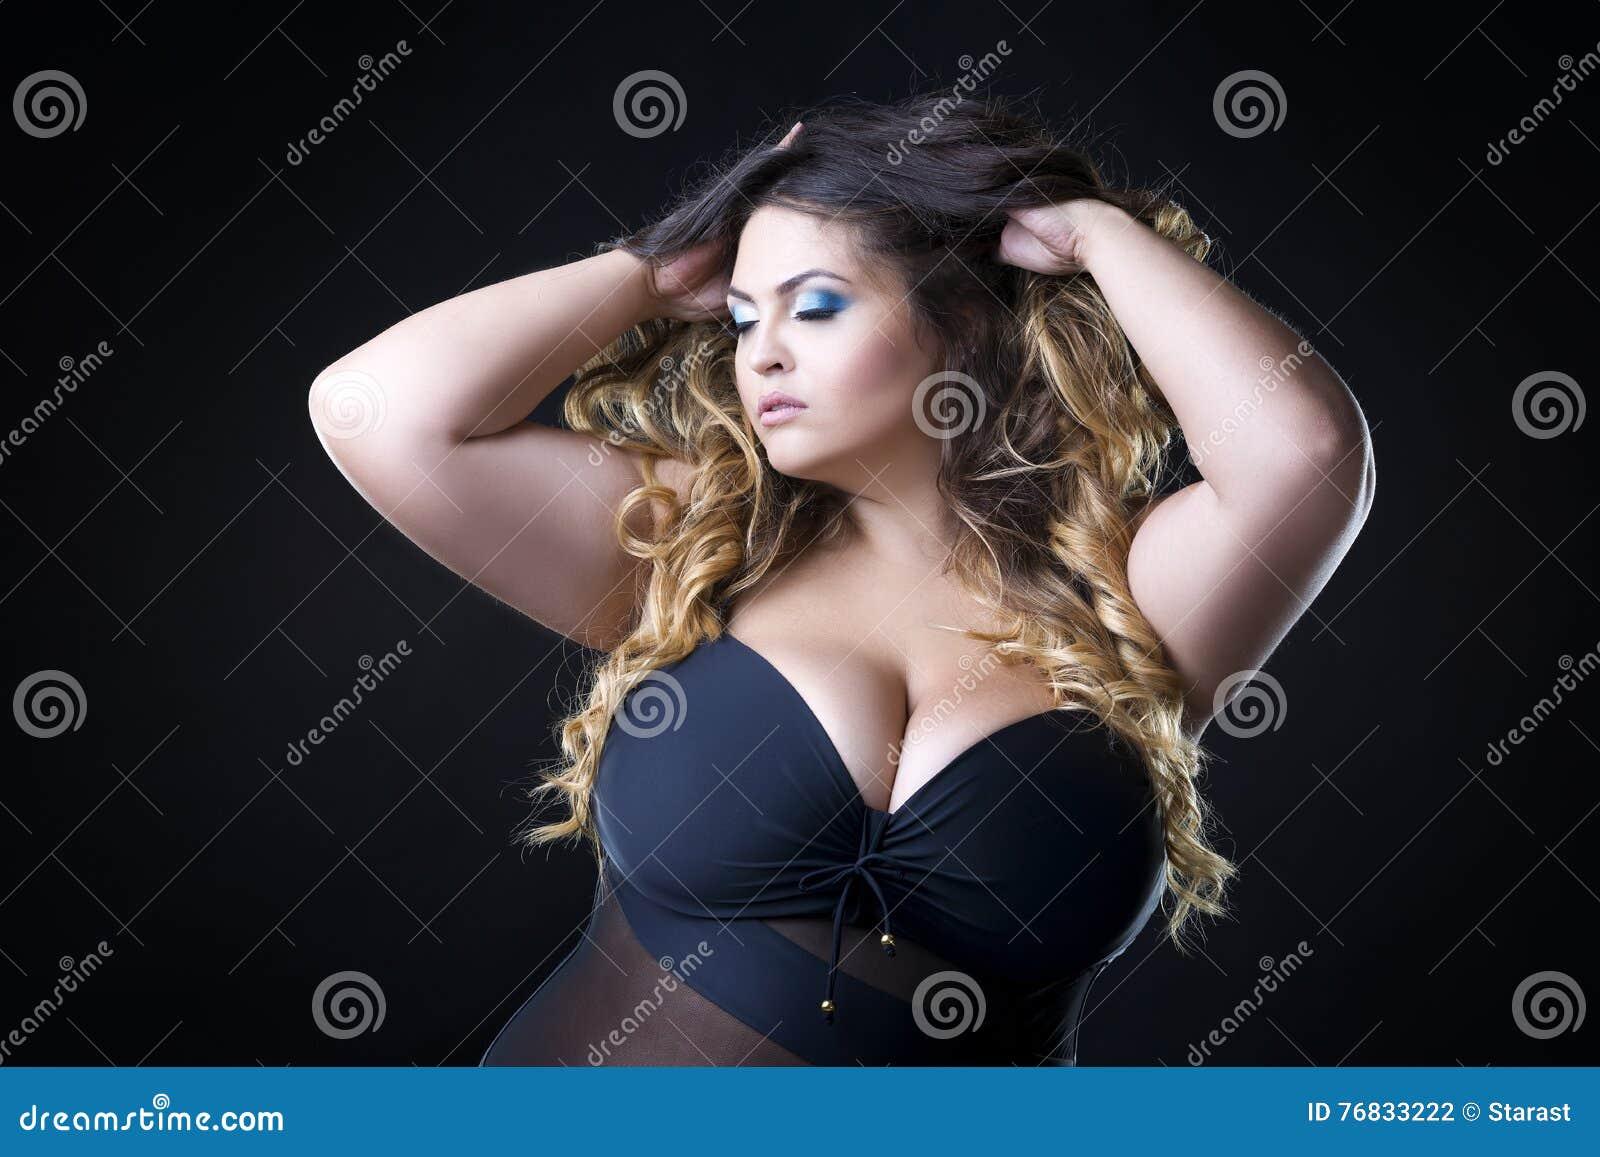 Perfecte lichaam sex video